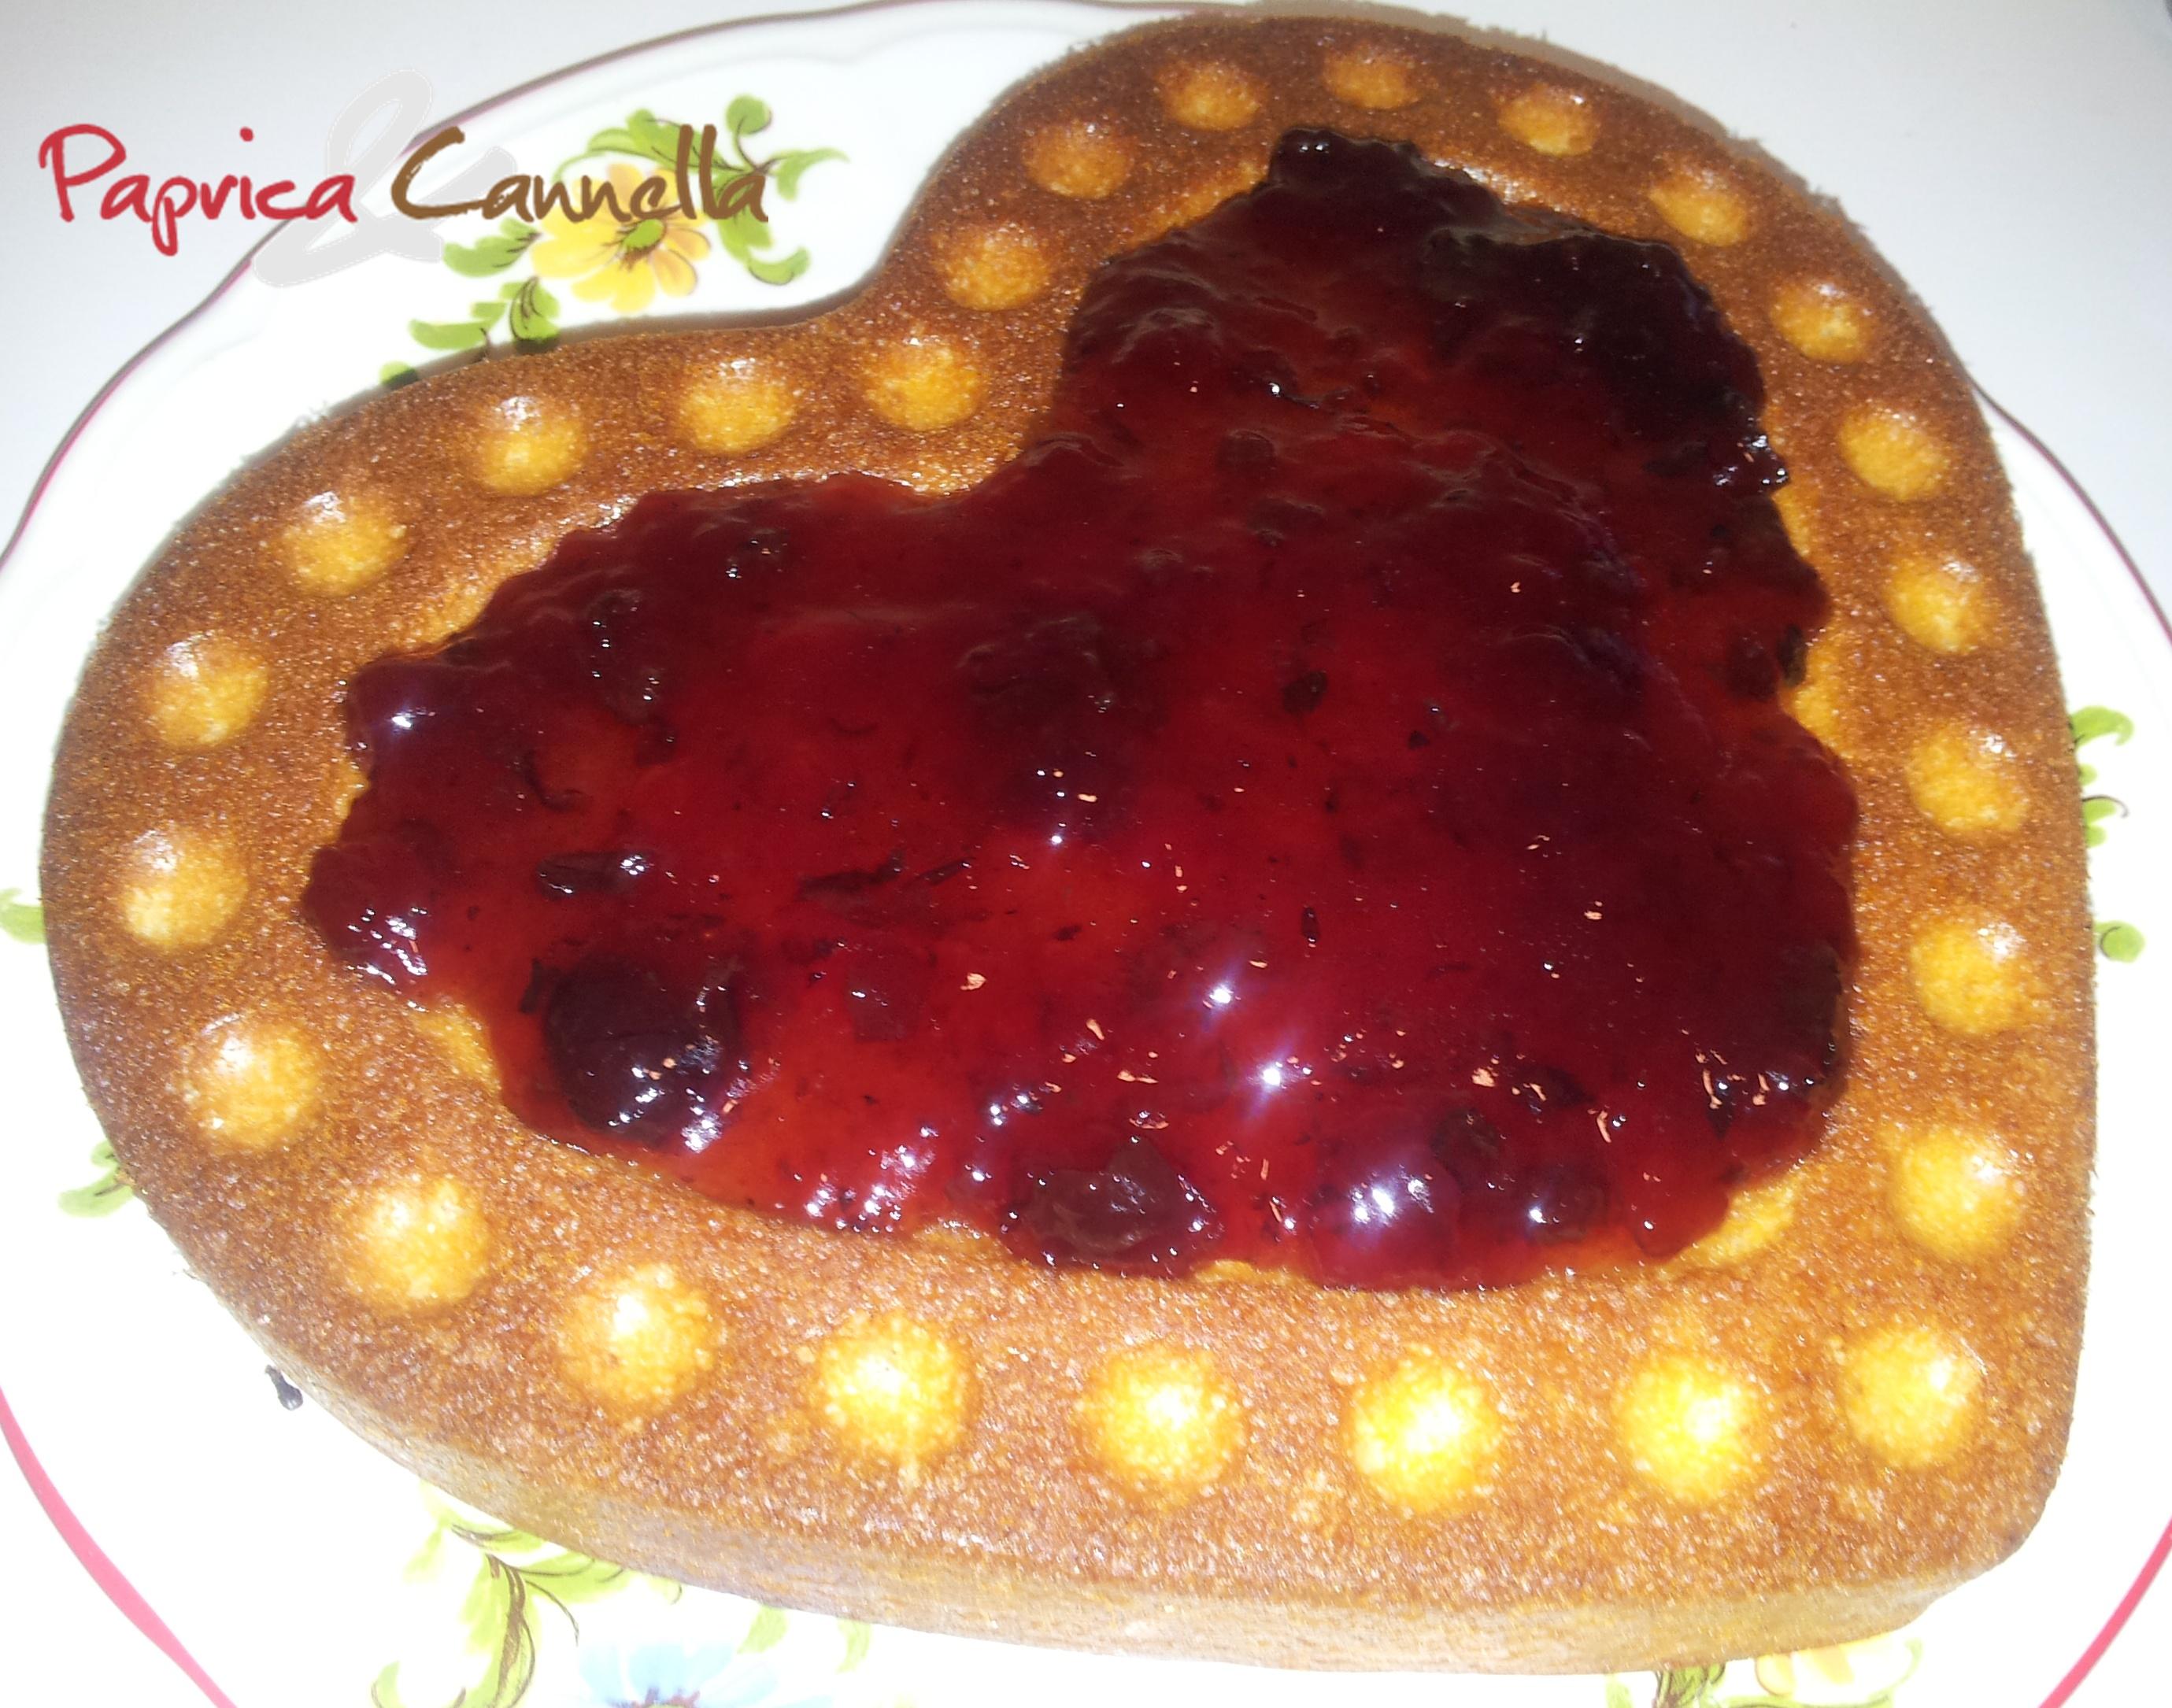 Torta ricoperta di marmellata alle ciliegie